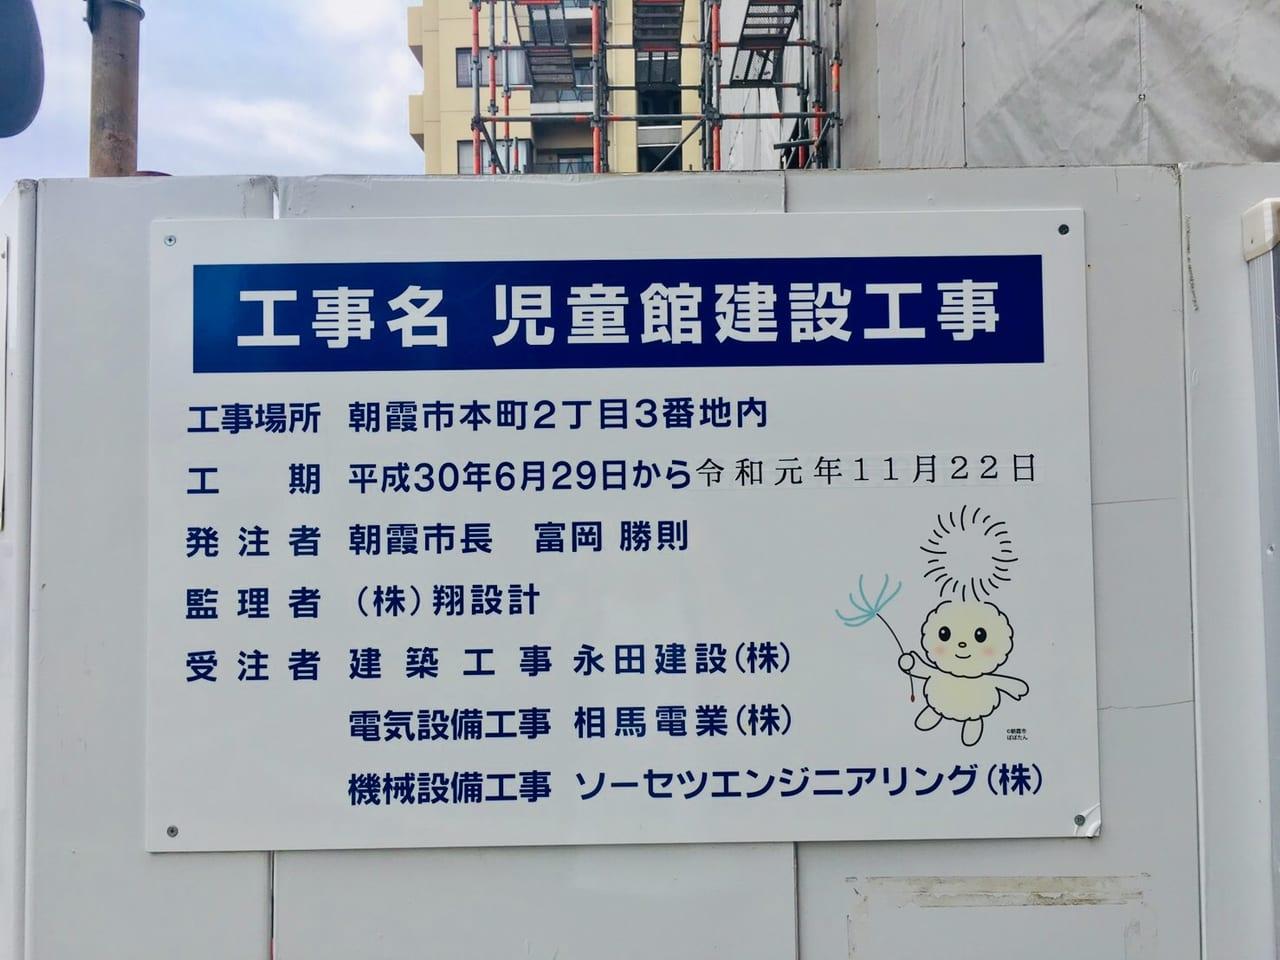 朝霞本町児童館工期